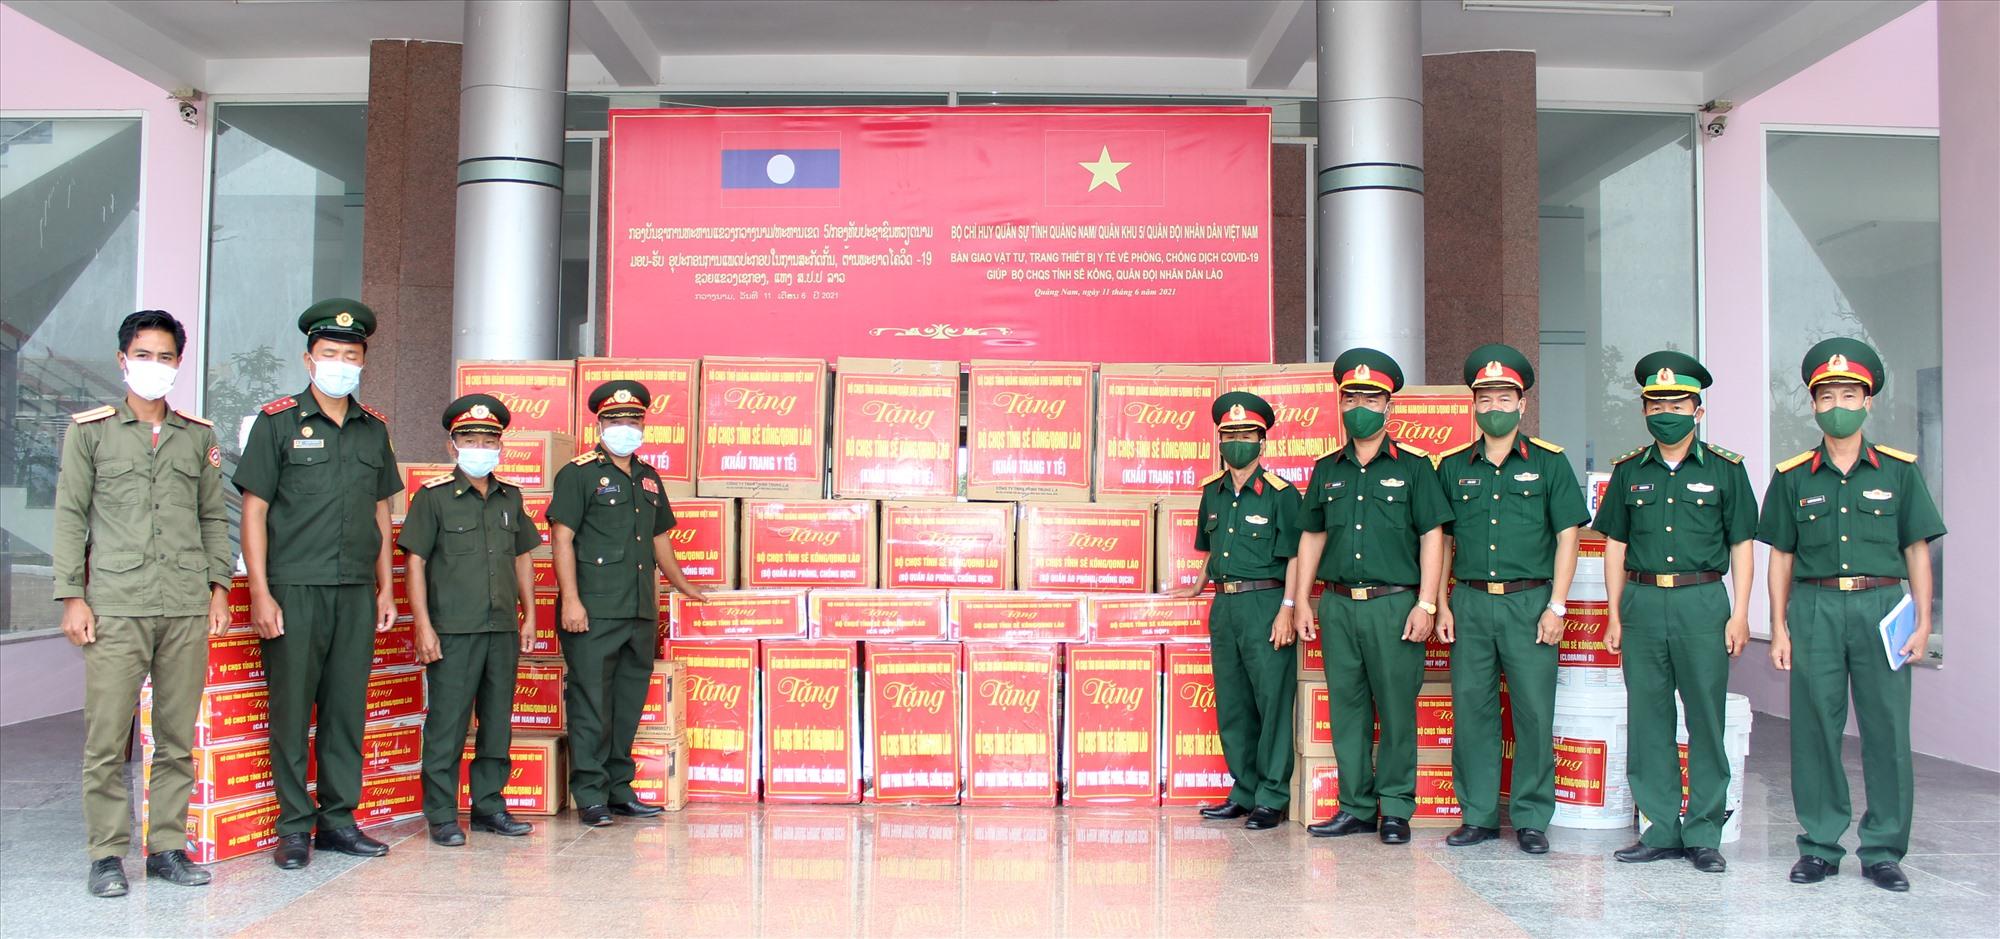 Bộ CHQS tỉnh hỗ trợ vật tư, trang thiết bị y tế cho Bộ CHQS tỉnh SêKông, Quân đội nhân dân Lào.